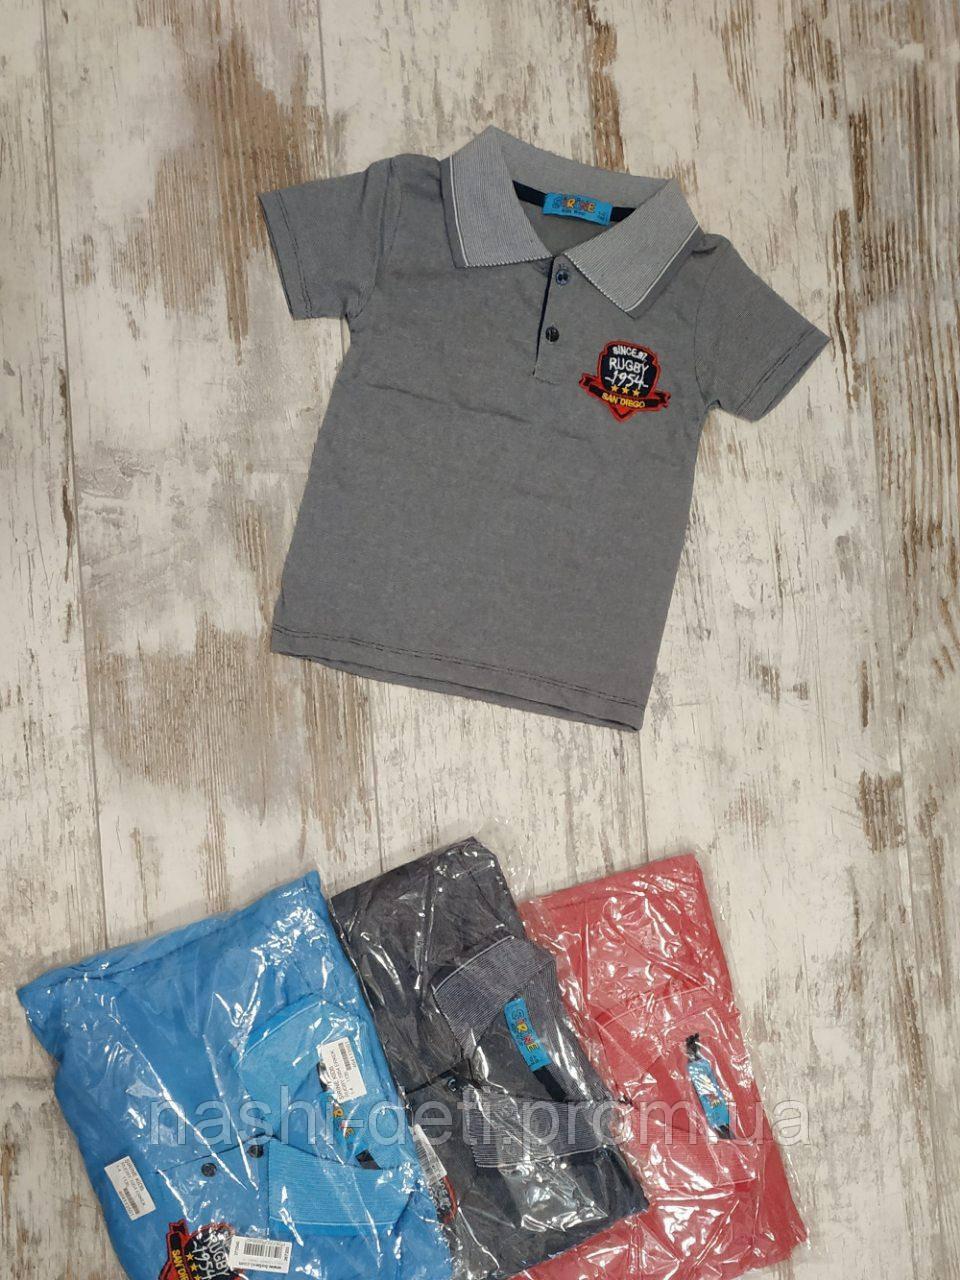 Детские футболки поло  для мальчиков. размер 1-4 лет.